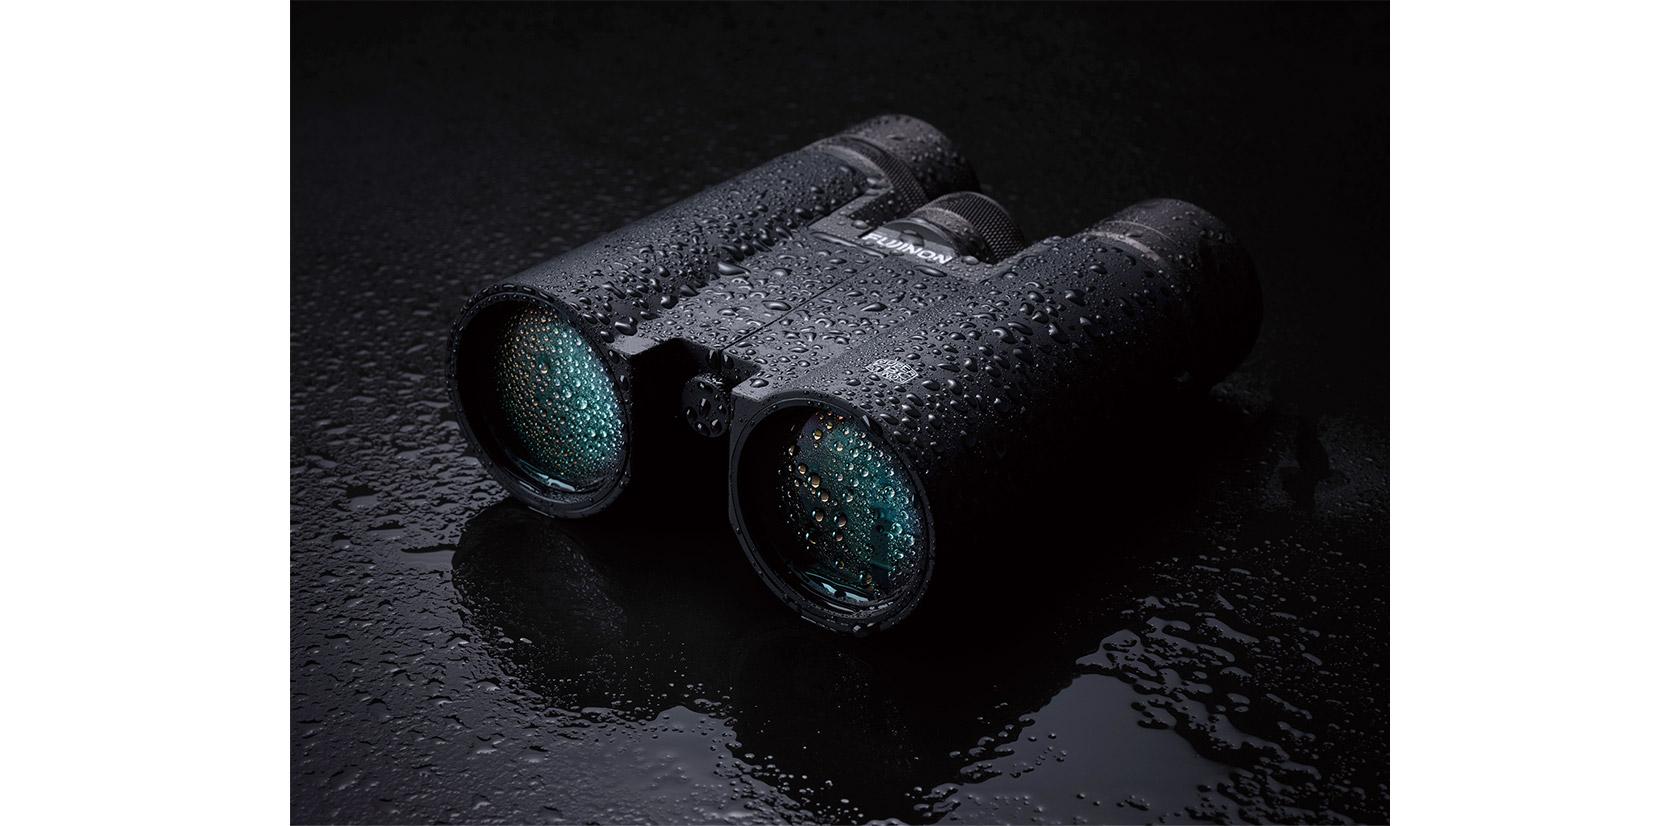 [foto] Binóculos pretos da série Hyper-Clarity salpicados com gotículas de água